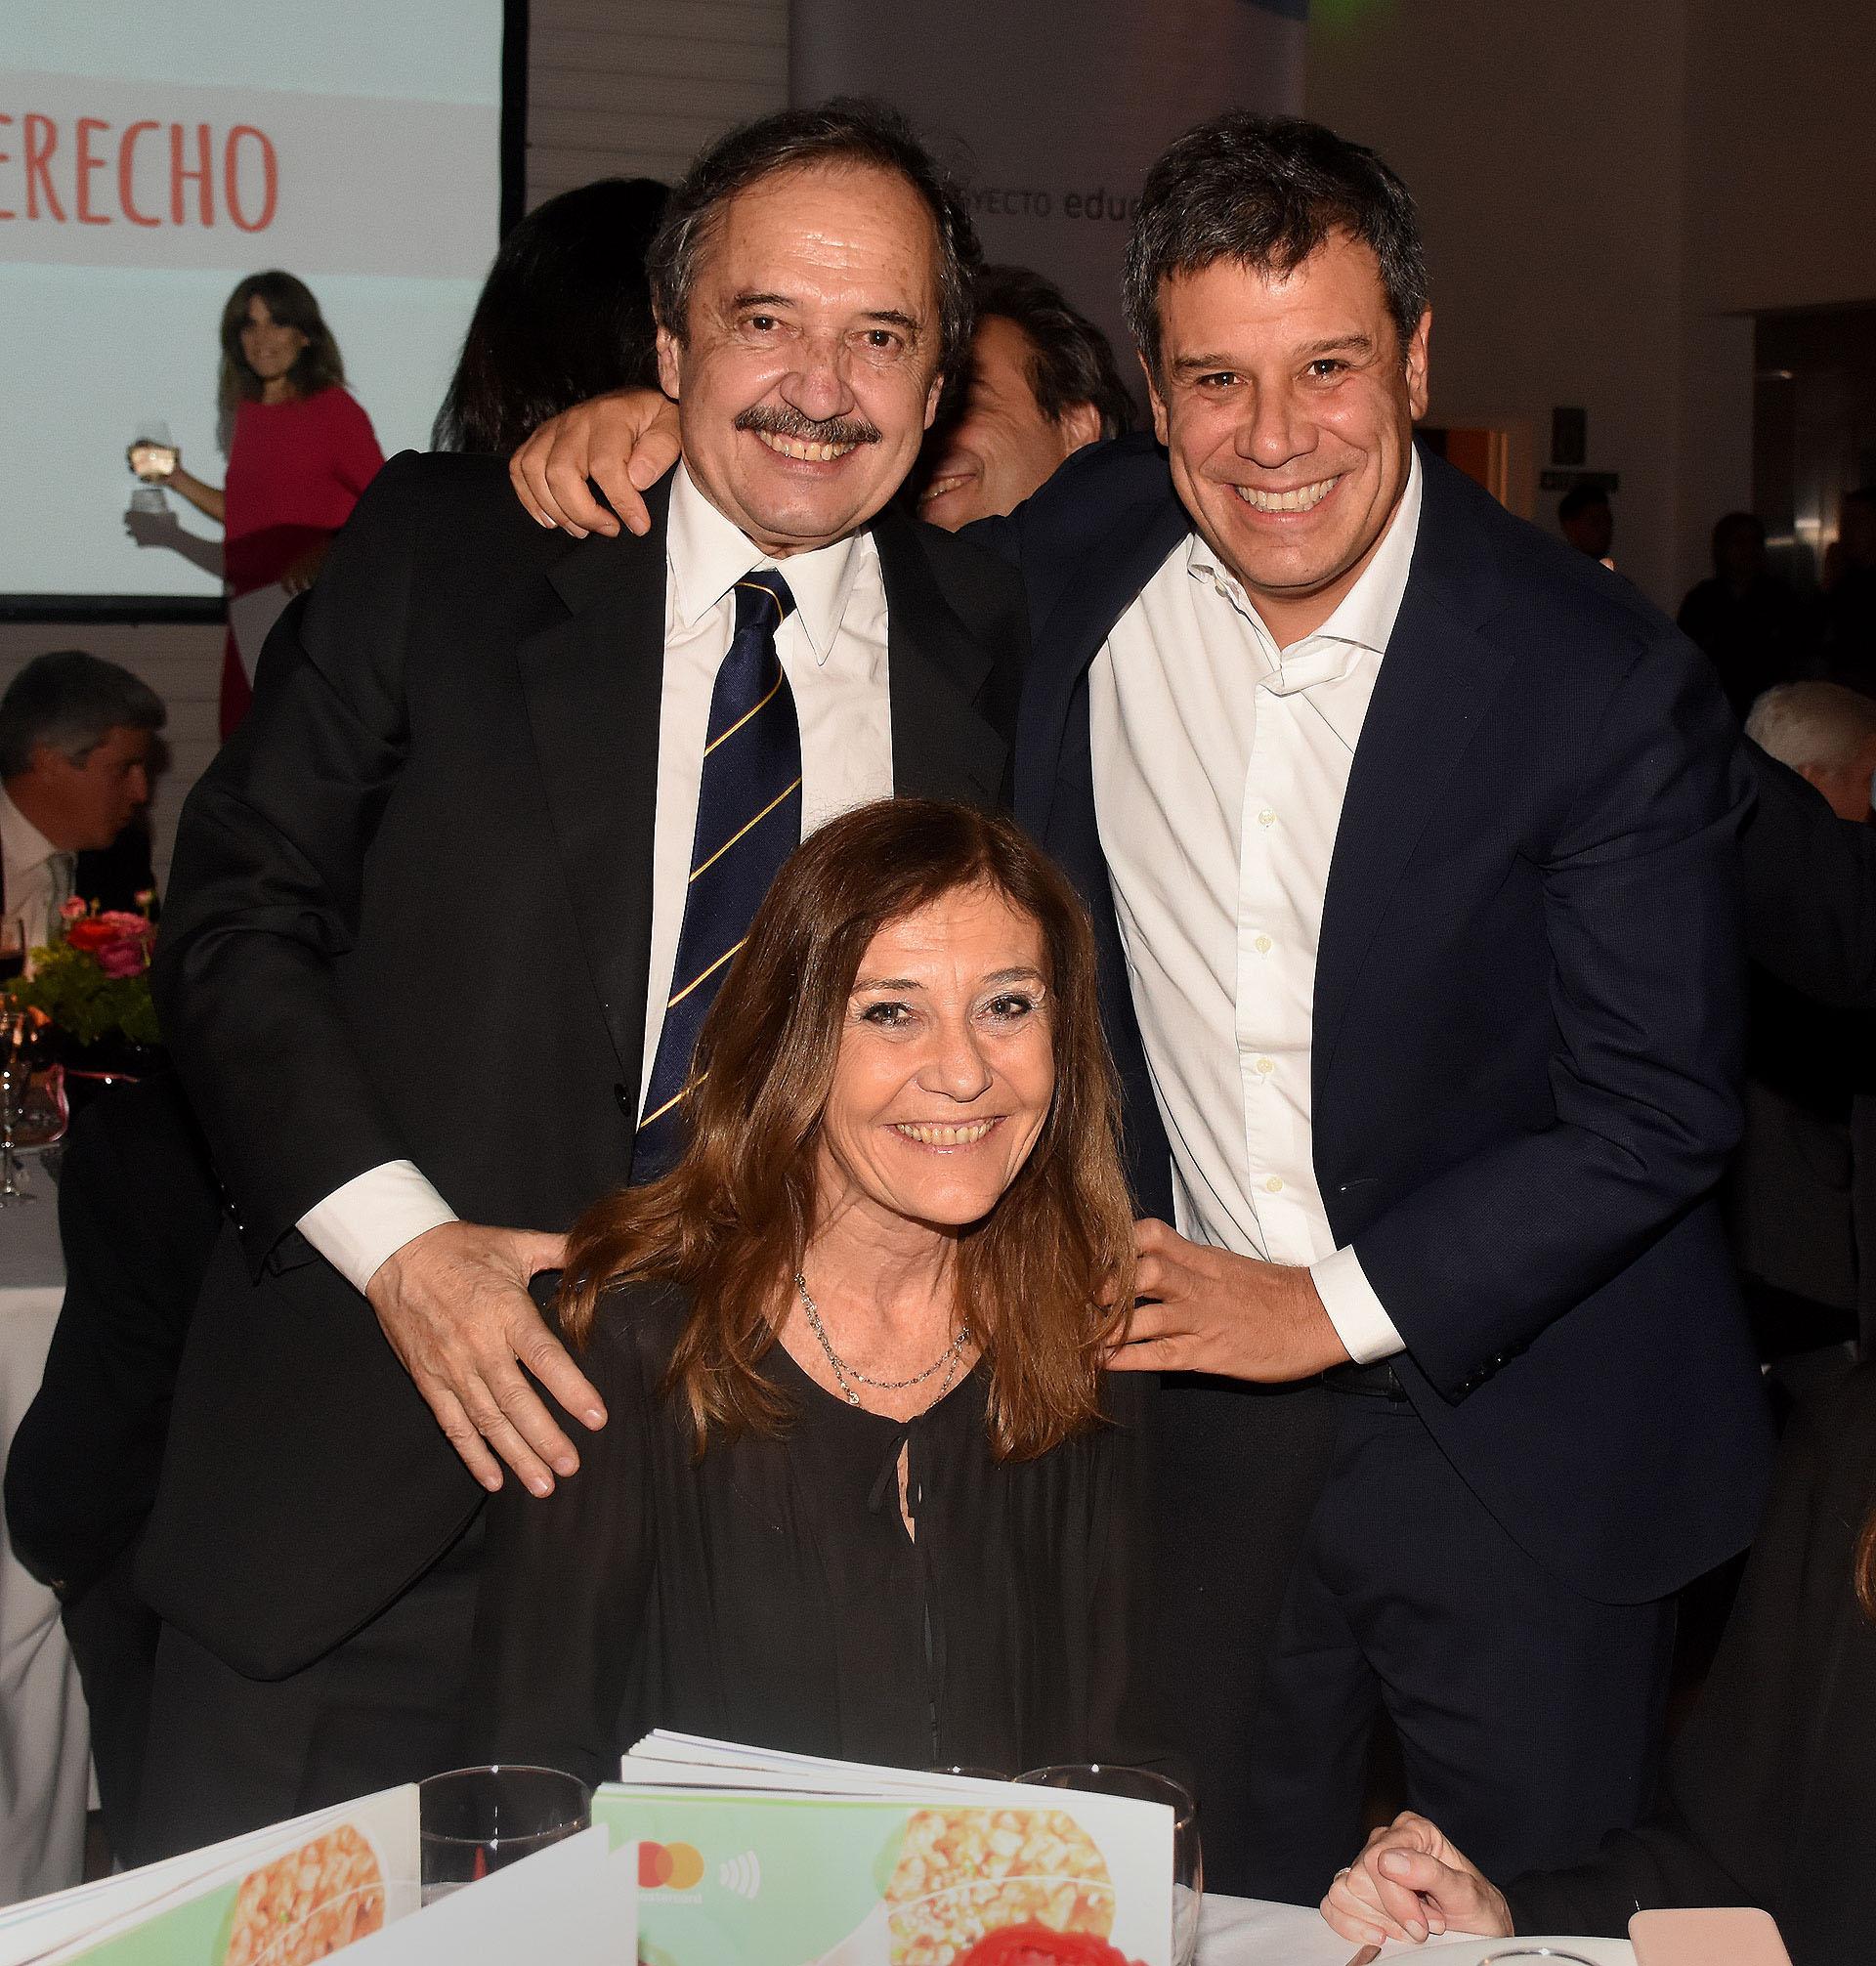 El ex diputado nacional Ricardo Alfonsín junto a su mujer y Facundo Manes. Proyecto Educar 2050 se propone incidir en las políticas públicas en materia de educación, así como también, concientizar a la sociedad acerca de la importancia de la educación de calidad